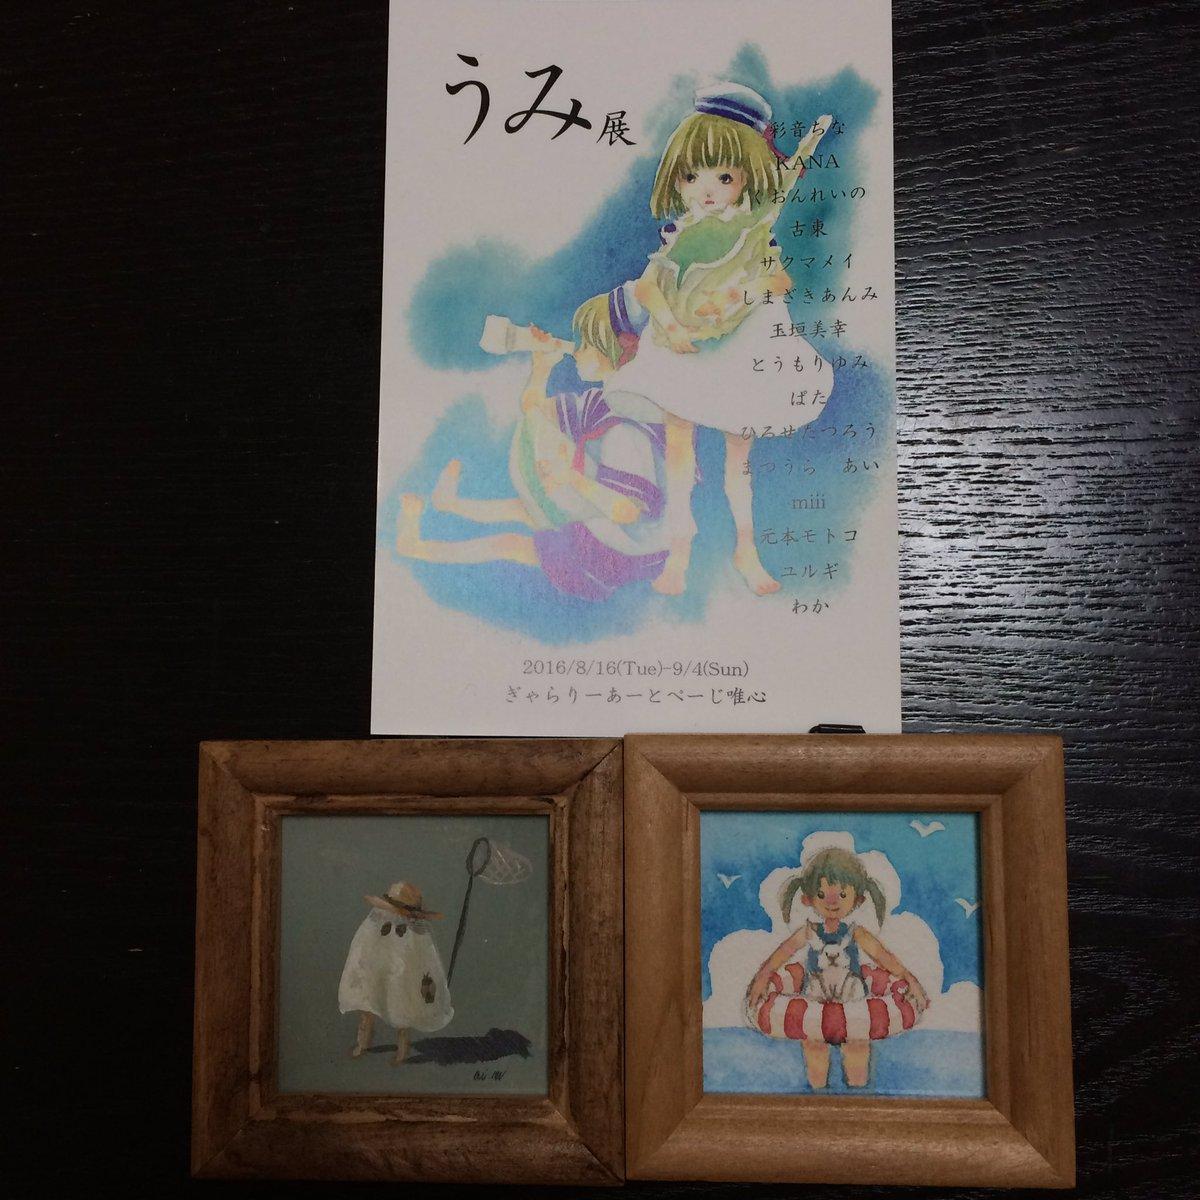 #京都うみ展 にて可愛い娘を2人お迎え。左はまつうらあいさん、右はとうもりゆみさん、の作品。どちらも夏休みの懐かしさ、楽しさを感じられとても好きな作品です。また行きます。 https://t.co/Moql6R0x0x https://t.co/funj6YBAlJ